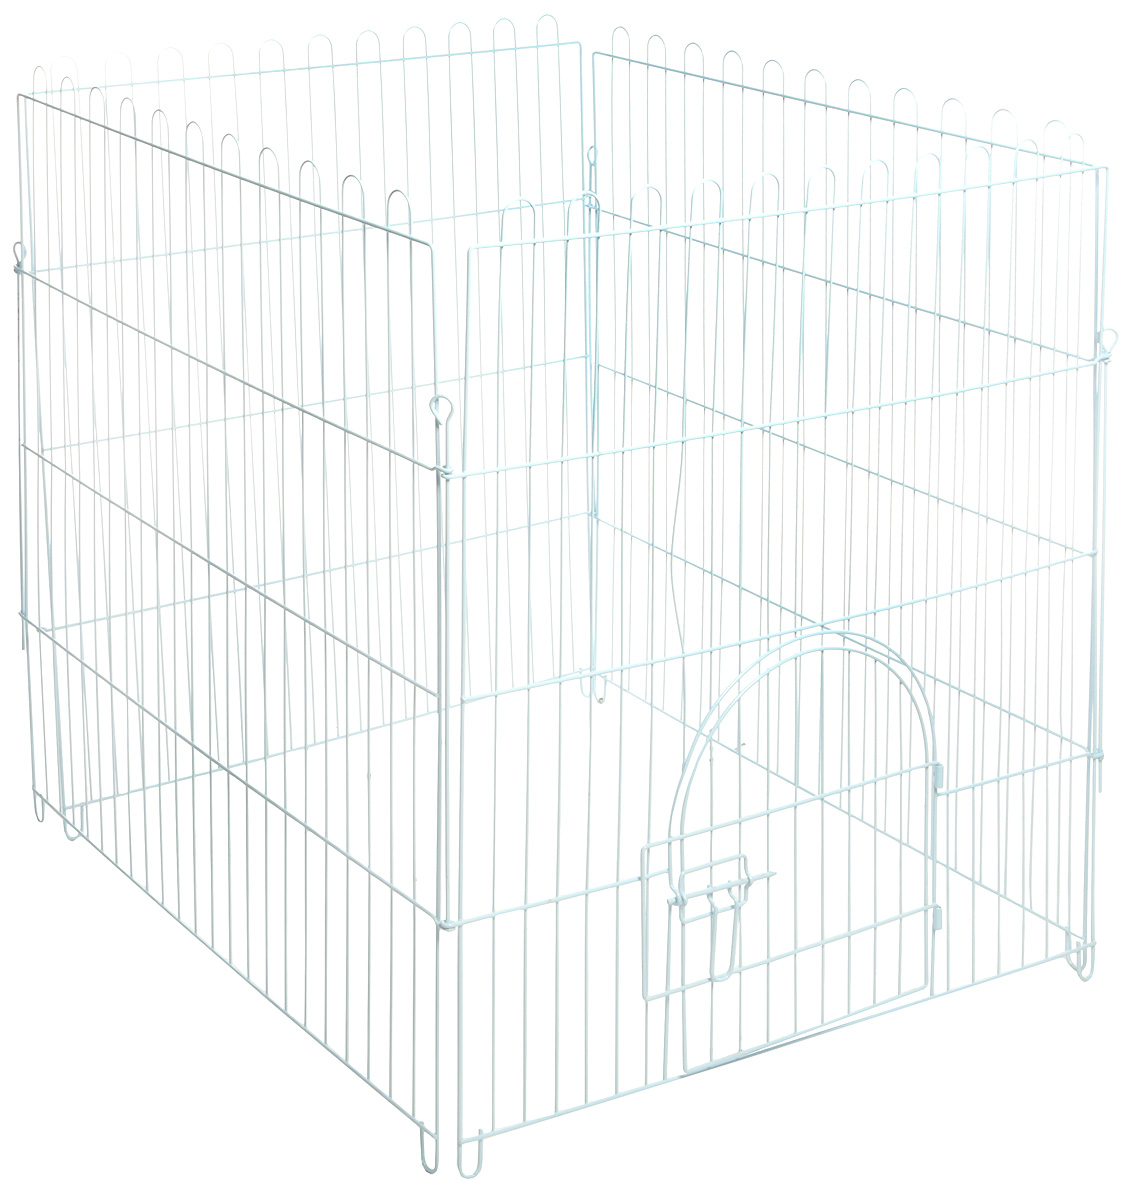 Вольер для животных Triol, цвет: белый, 84 см х 95 см х 84 смK-K2_белыйВольер для животных Triol, цвет: белый, 84 см х 95 см х 84 см